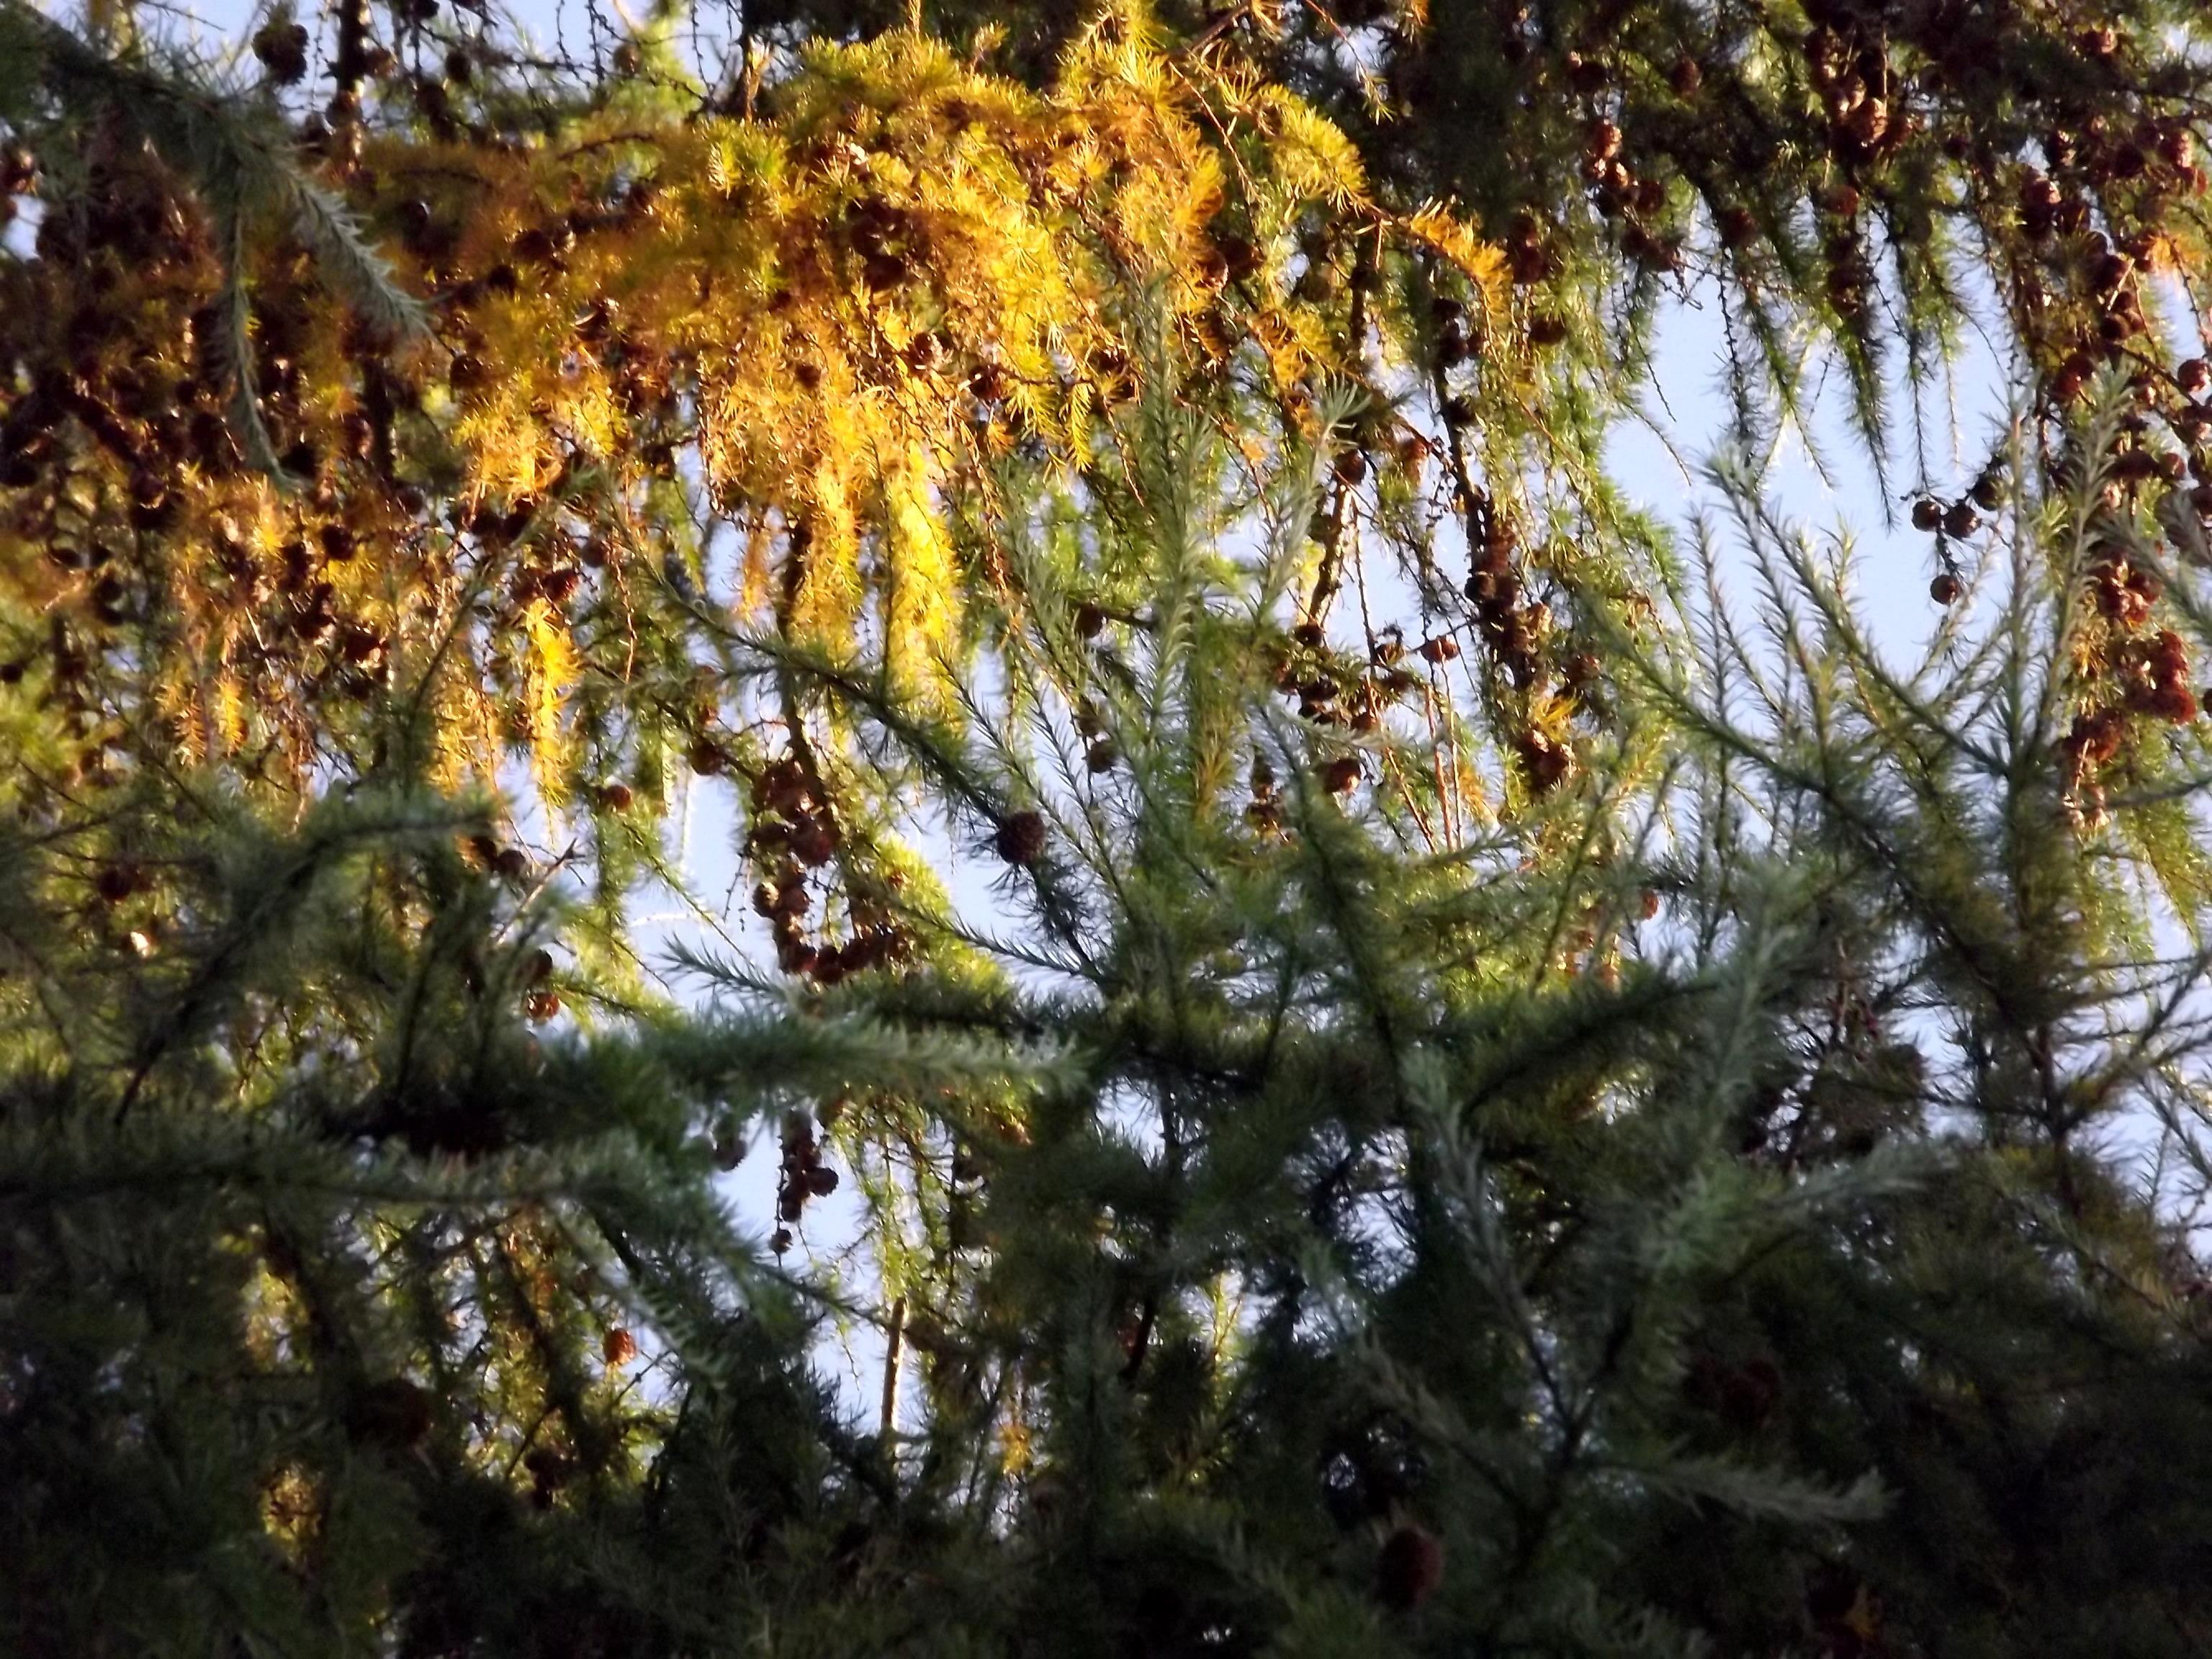 6568-herbst-nadelzweige-sonnenlicht